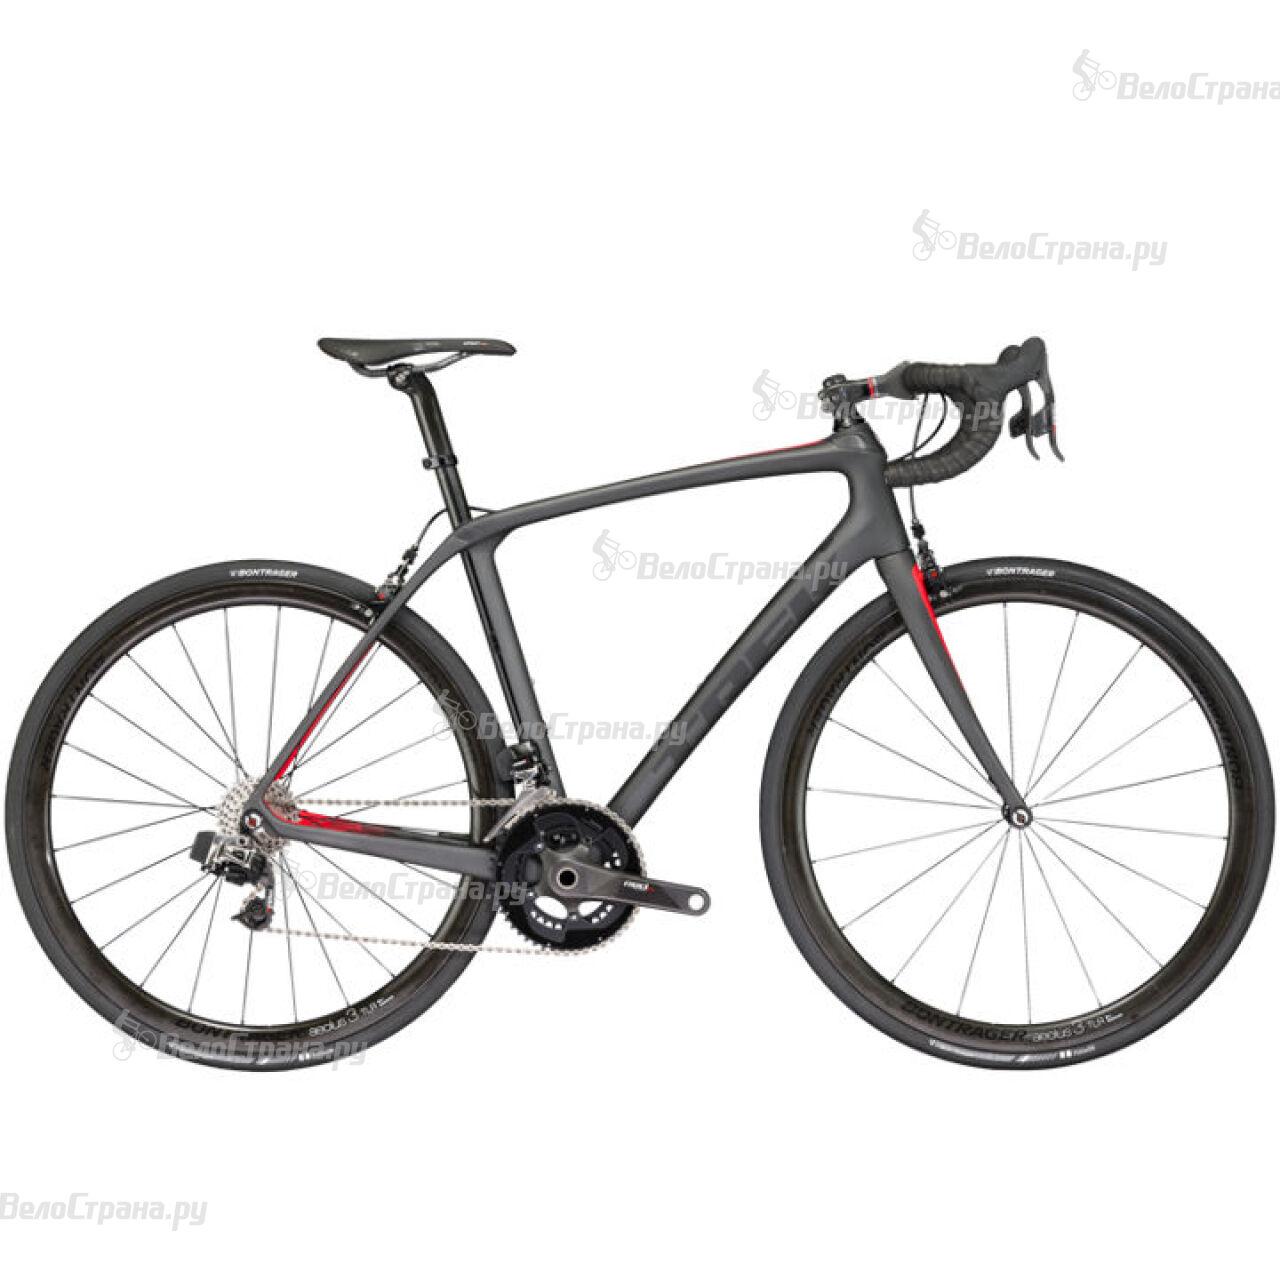 Велосипед Trek Domane SLR 9 (2017)